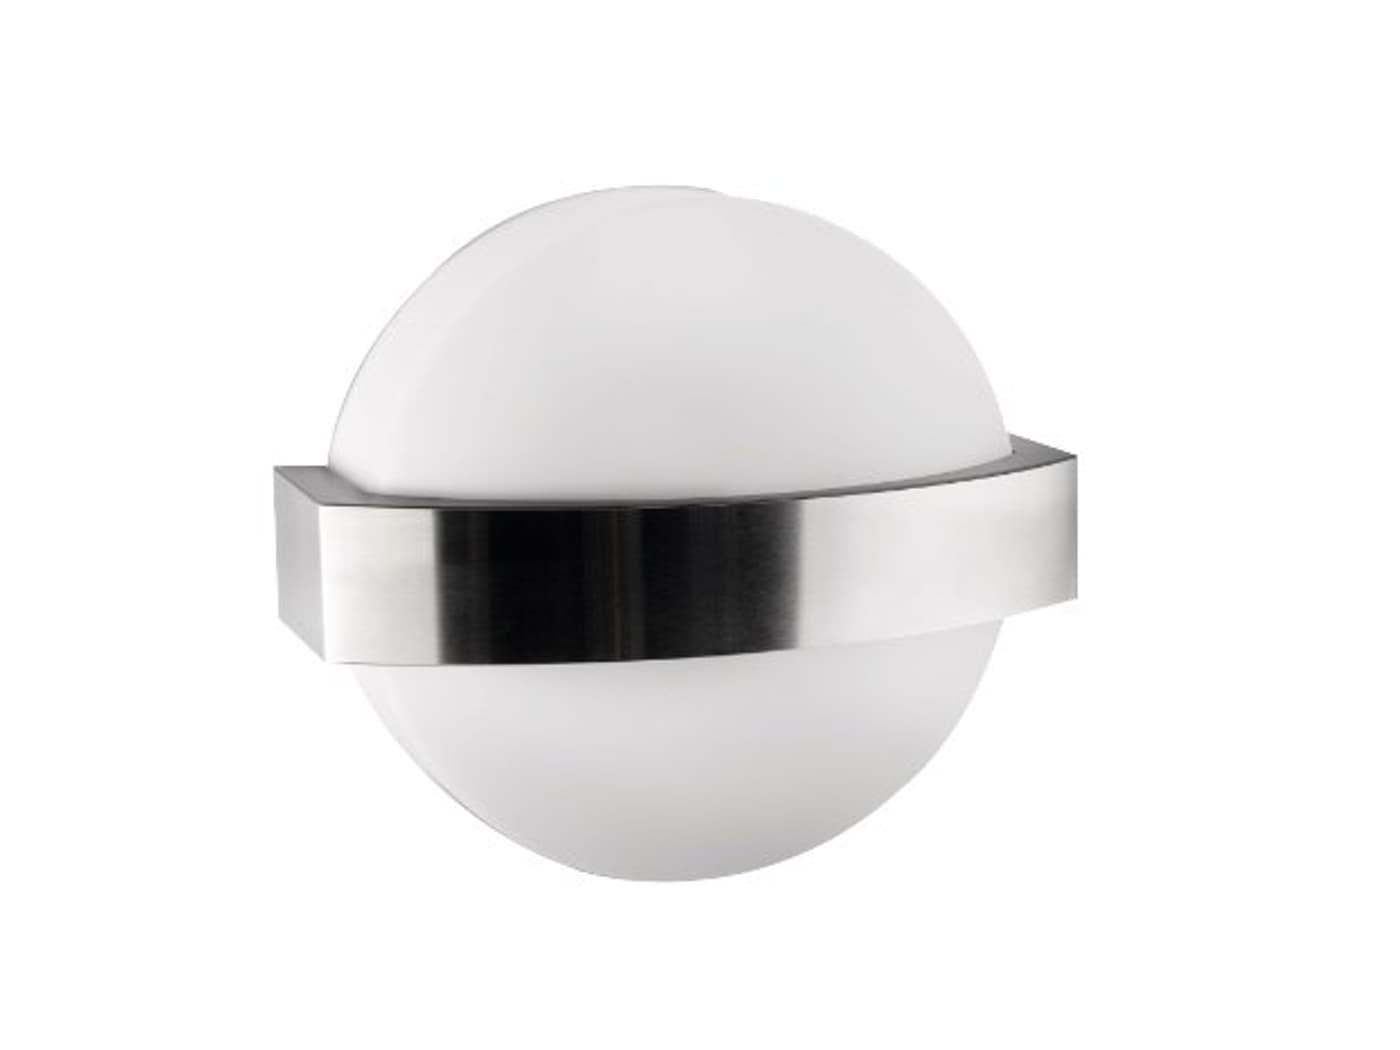 Lampade Da Parete Per Esterni : Philips vine lampada da parete per esterno migros